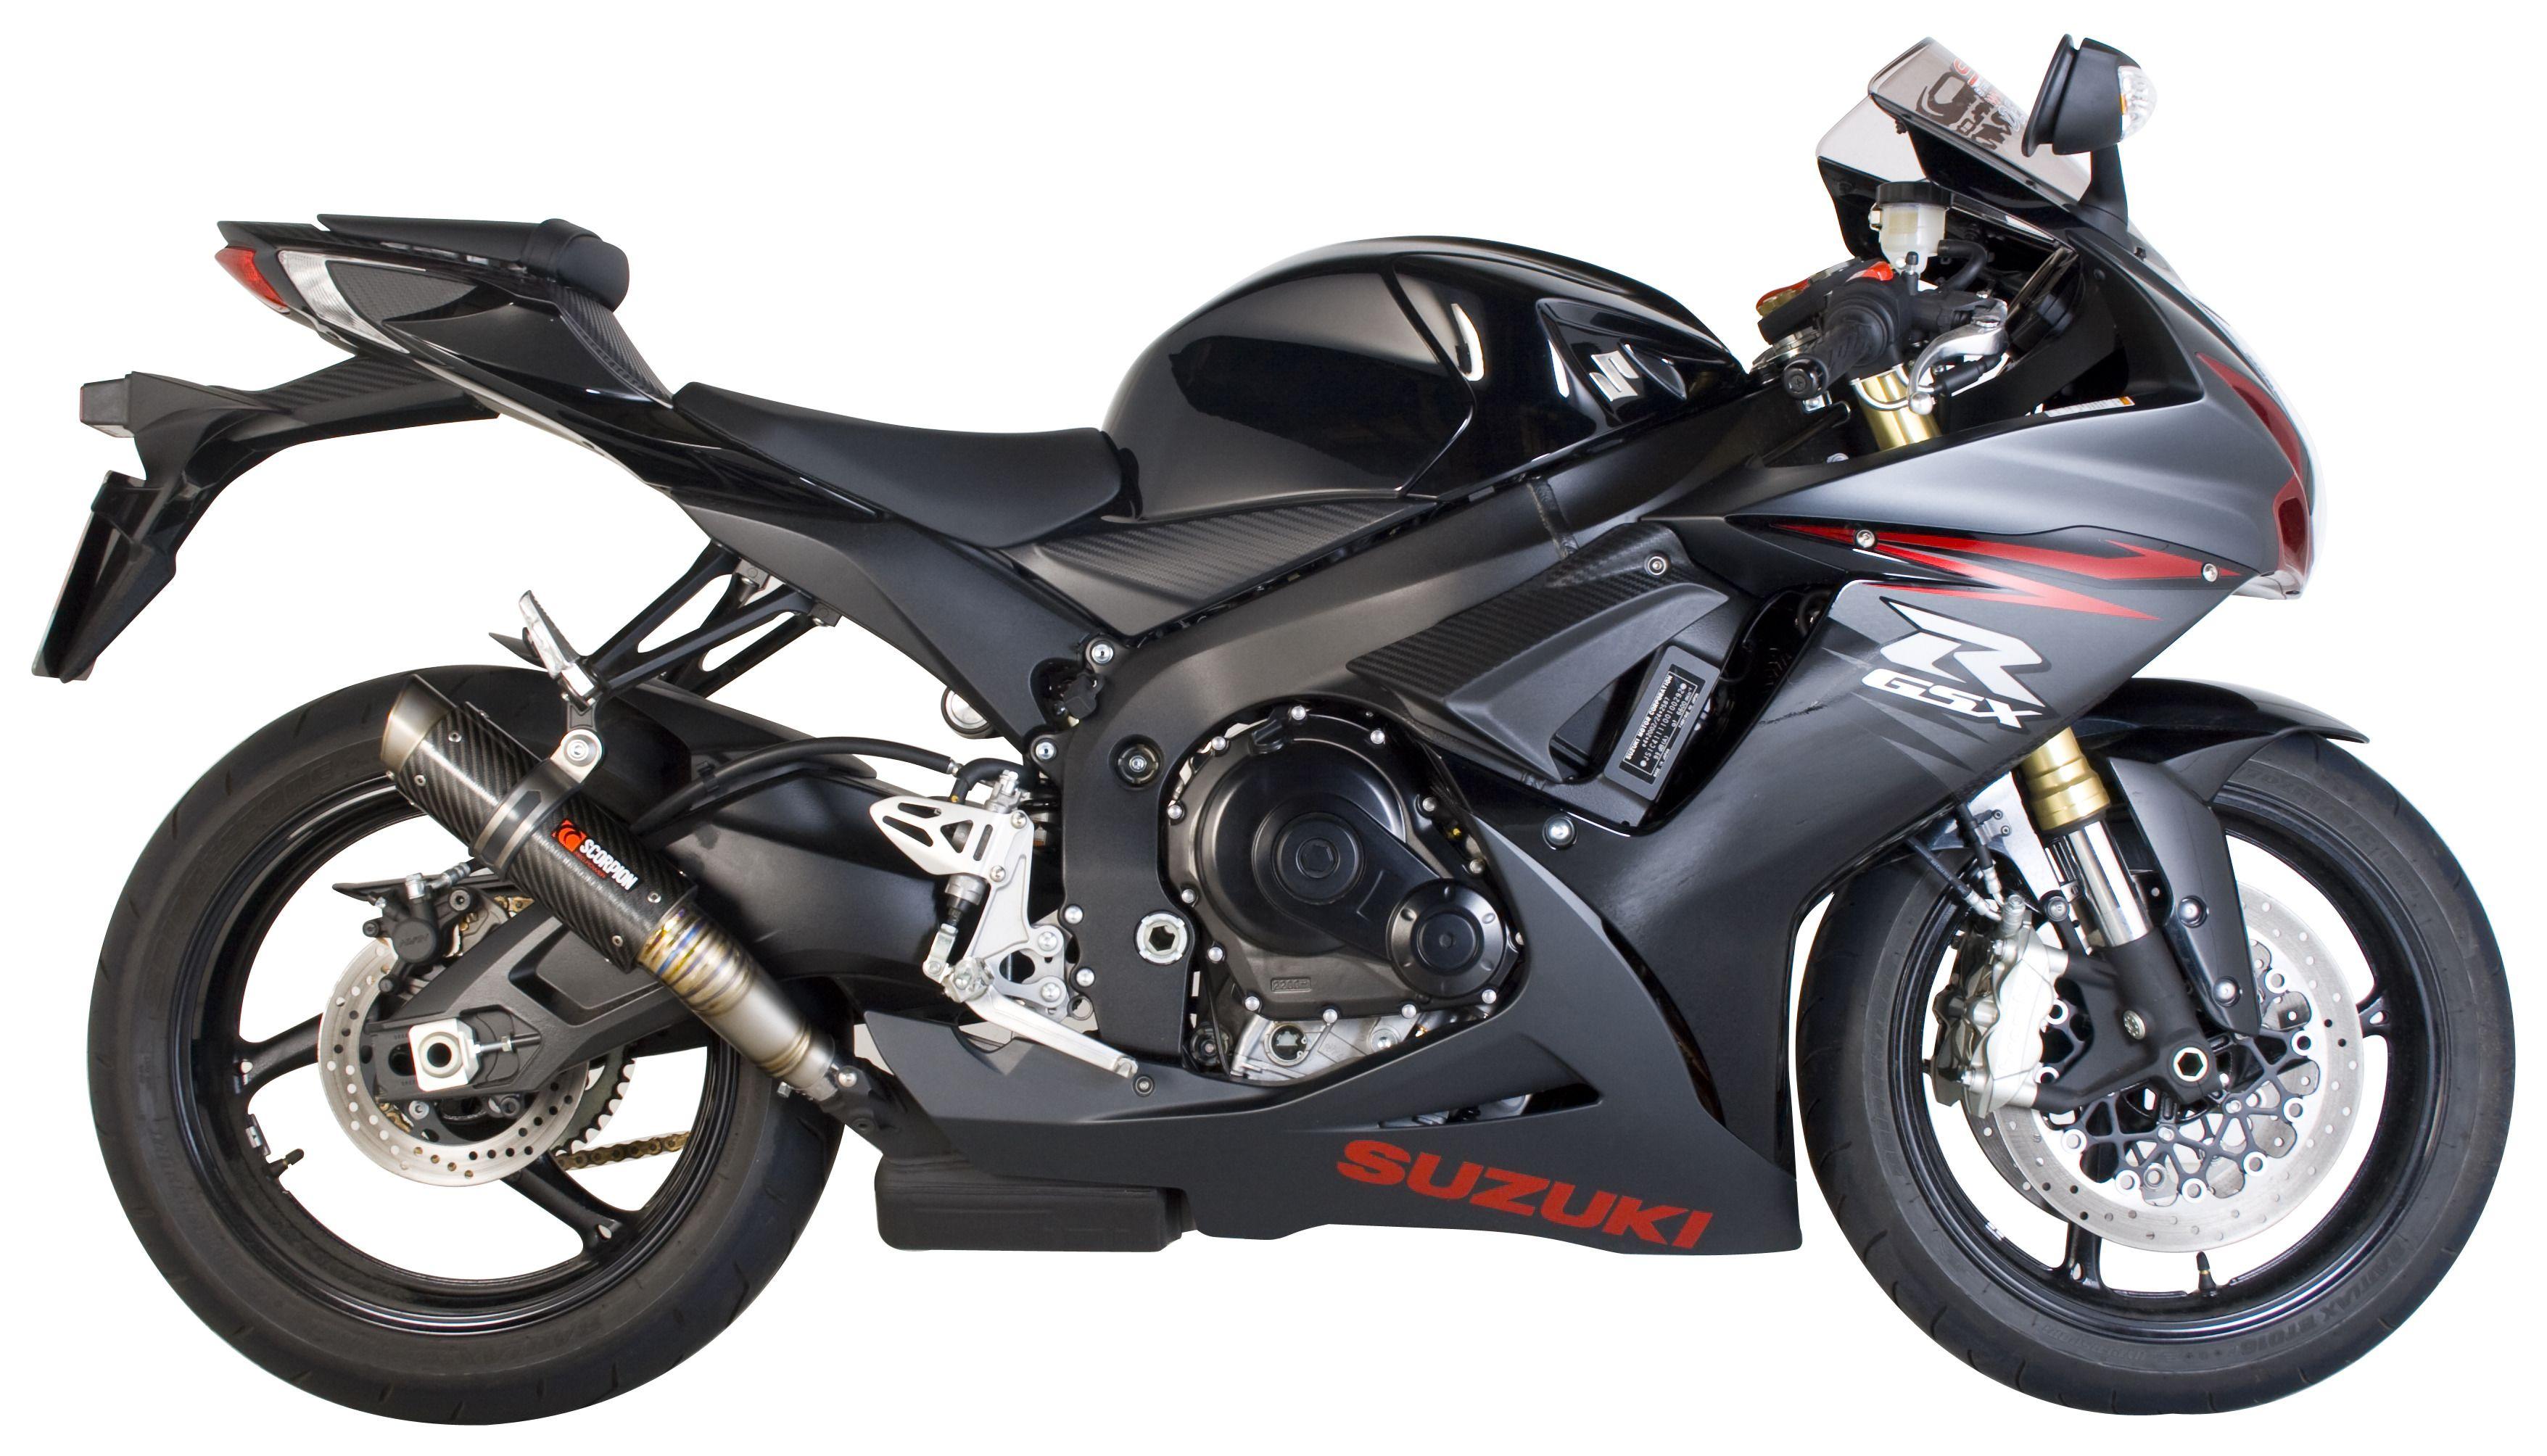 Scorpion Motorcycle Helmets >> Scorpion RP-1 GP Series Slip-On Exhaust Suzuki GSX R600/GSXR 750 2011-2018   10% ($79.90) Off ...